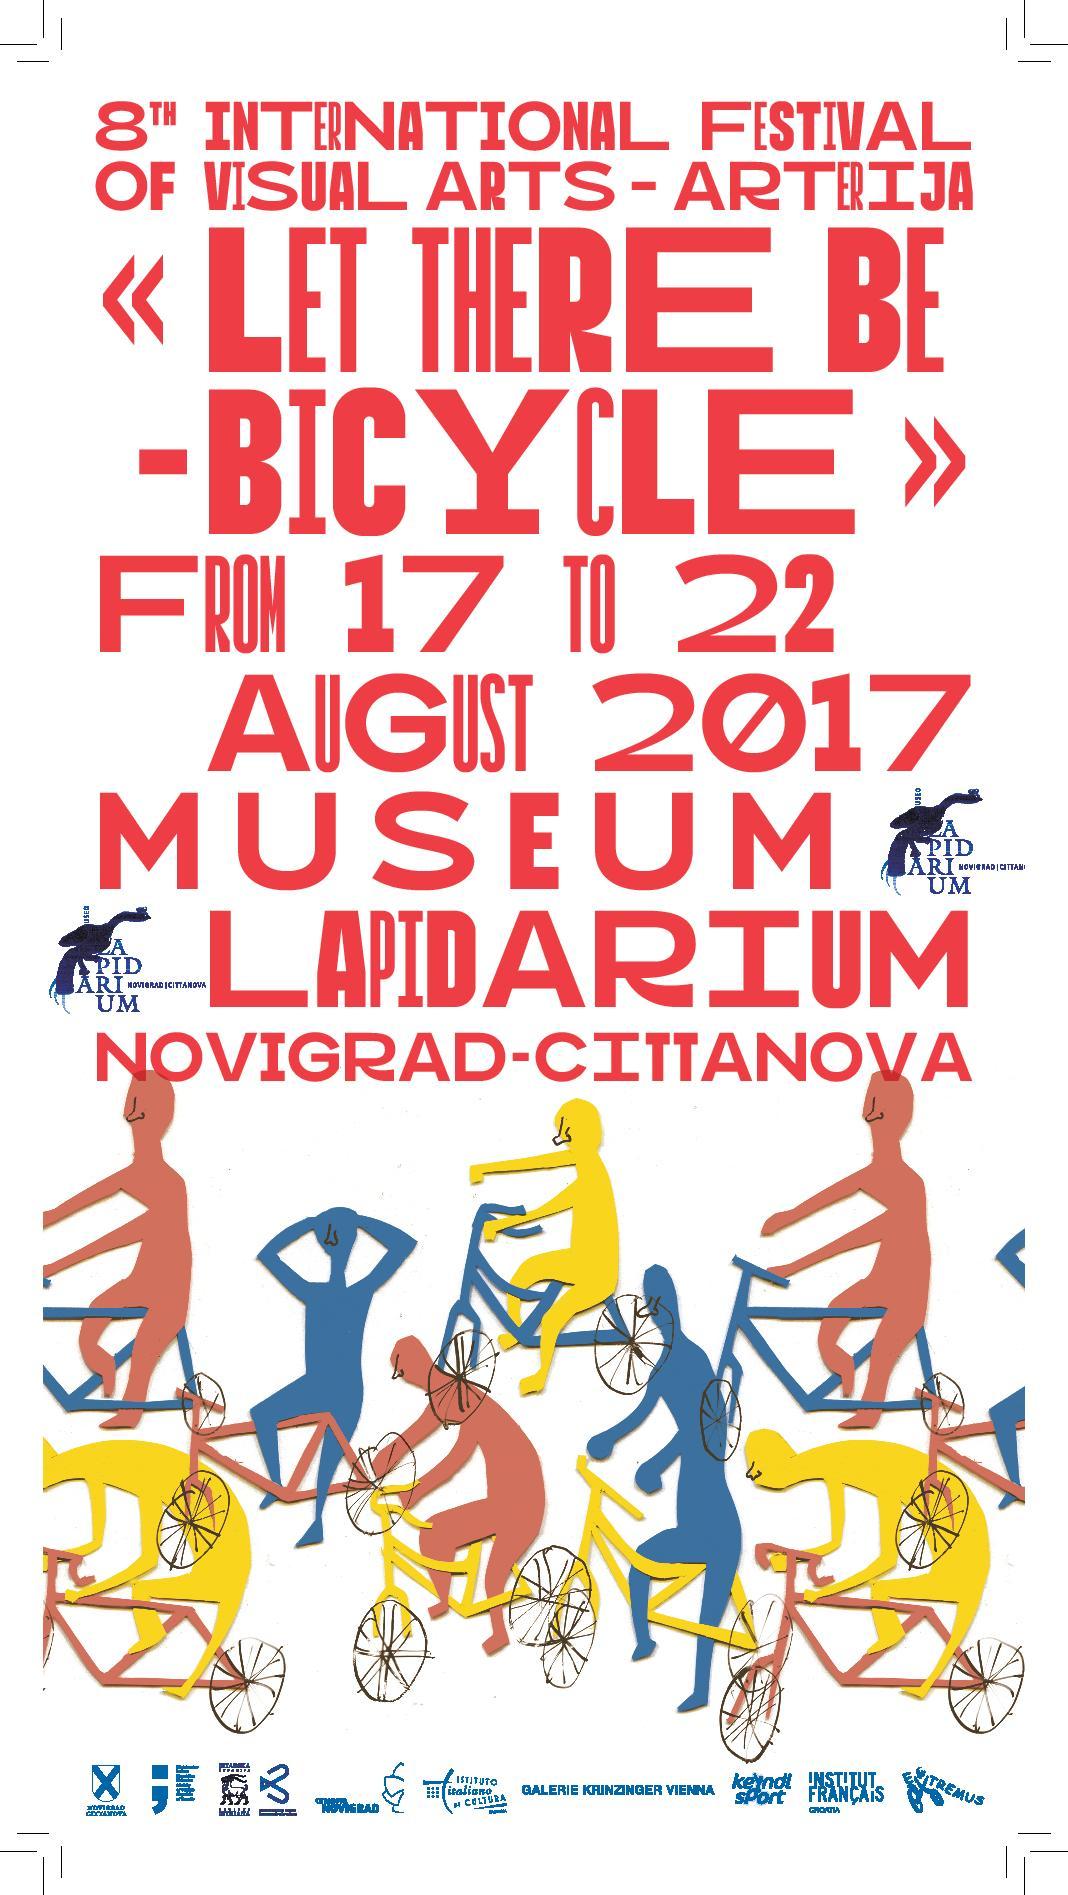 http://www.novigrad.hr/8._meunarodni_festival_vizualnih_umjetnosti_arterija_17_22._8